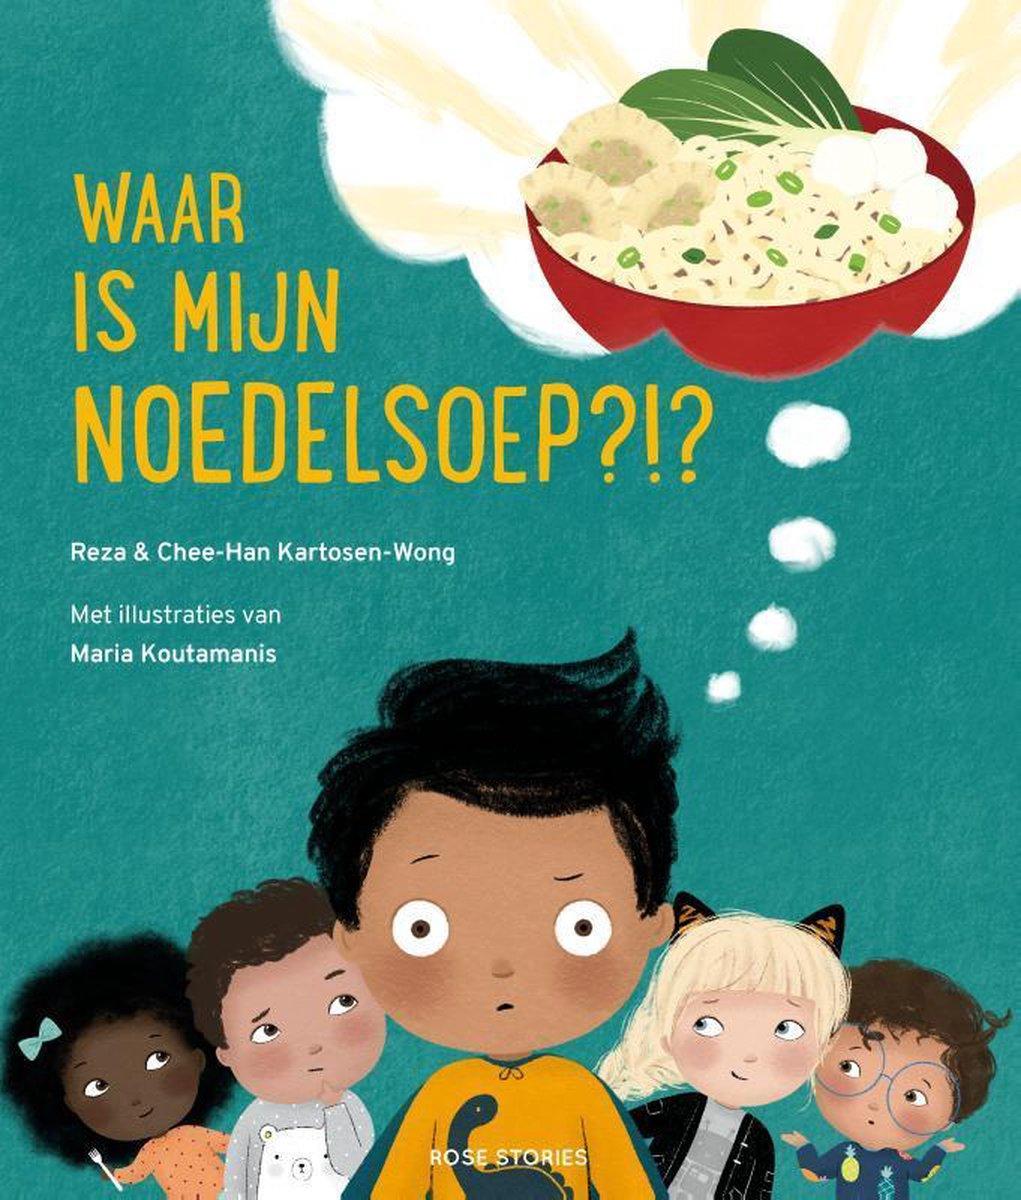 Children's book about diversity, Waar is mijn noedelsoep?